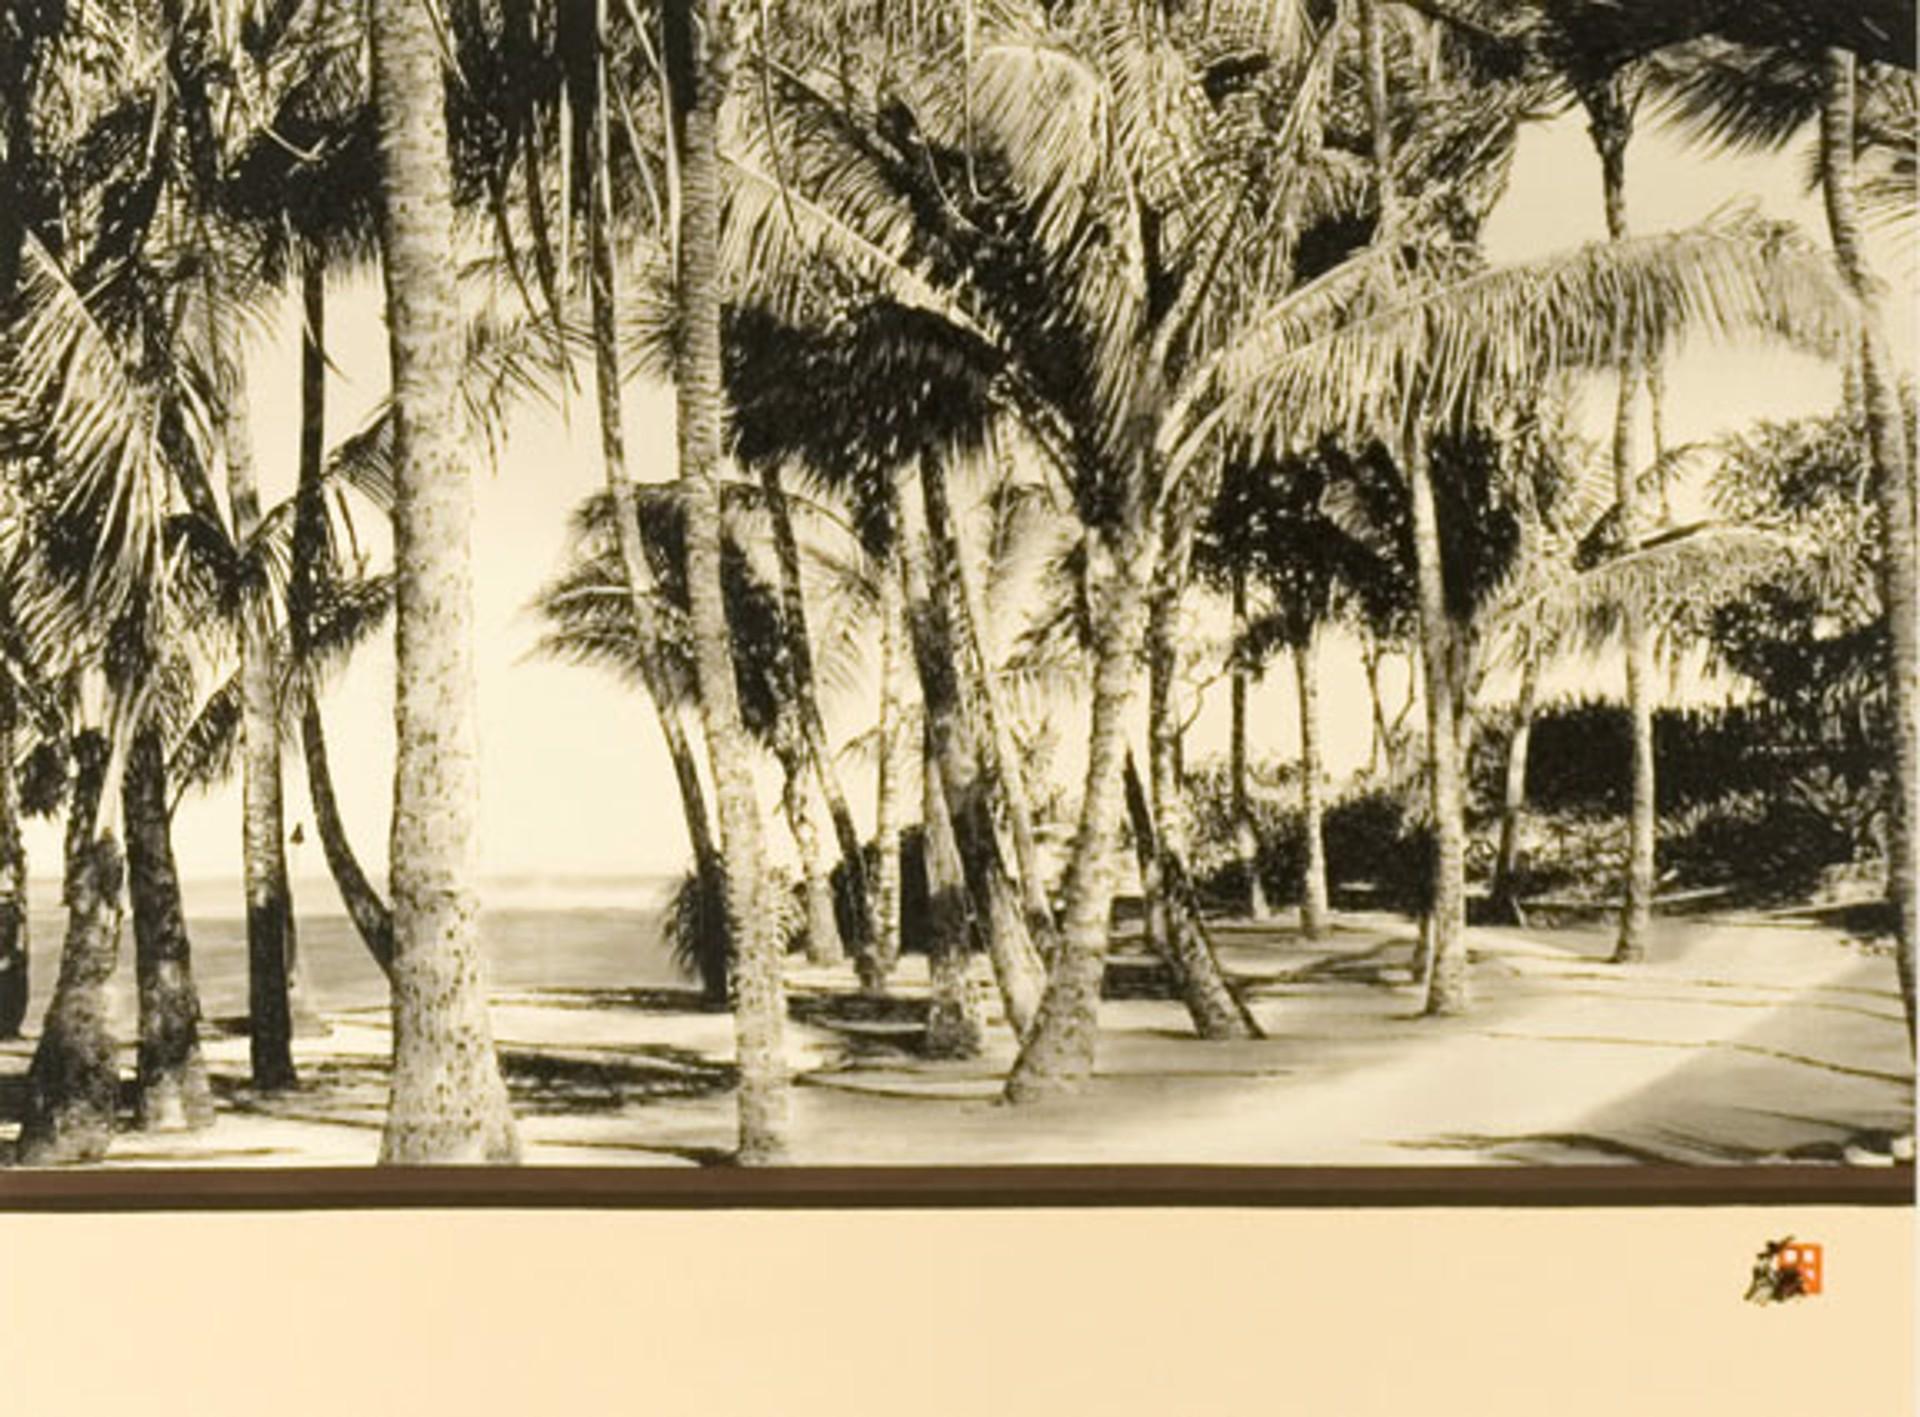 Kuau Cove by Hisashi Otsuka